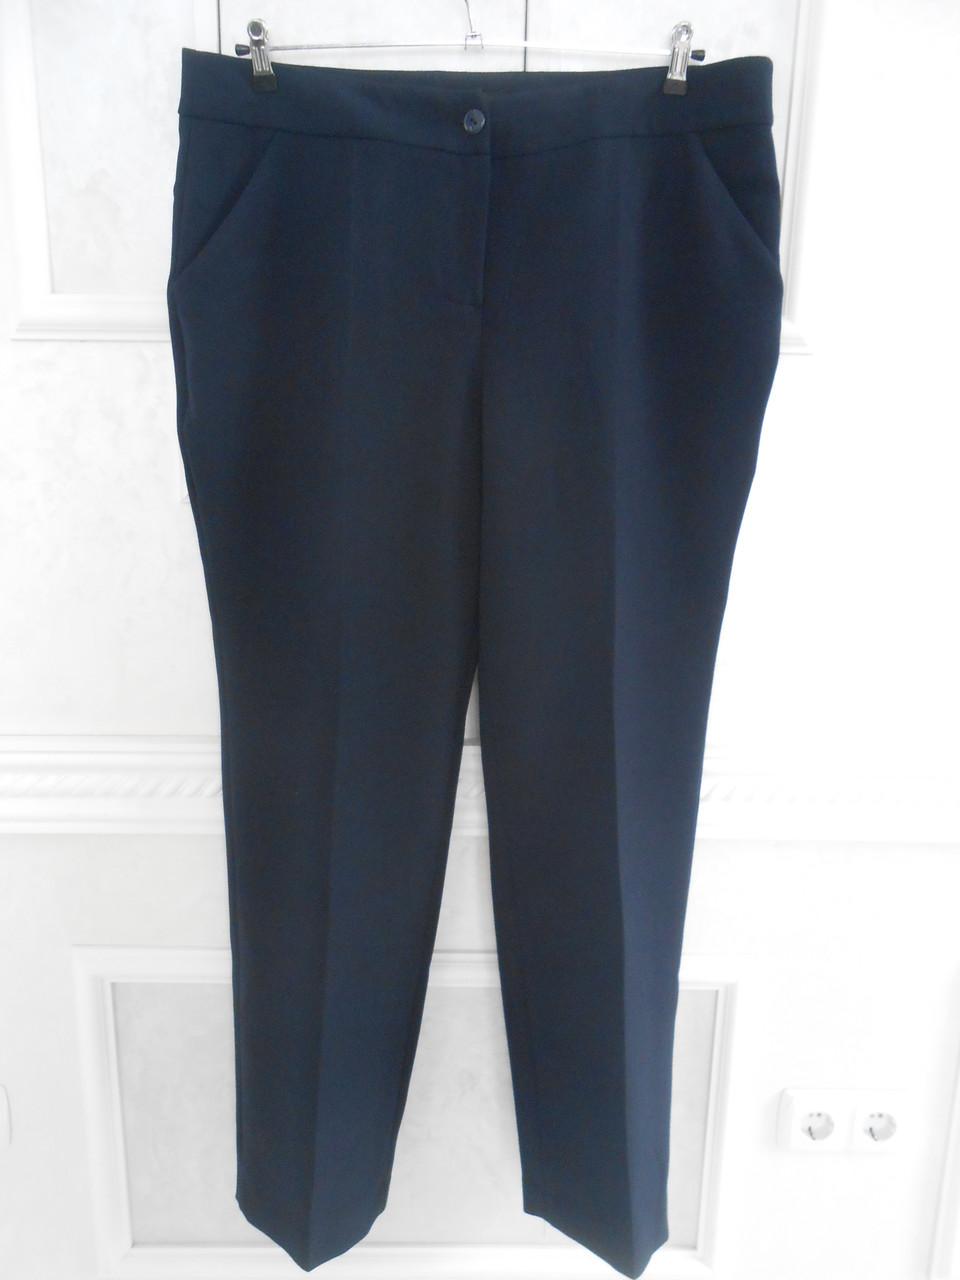 Штани жіночі класичні сині зі стрілками і кишенями великого розміру 58